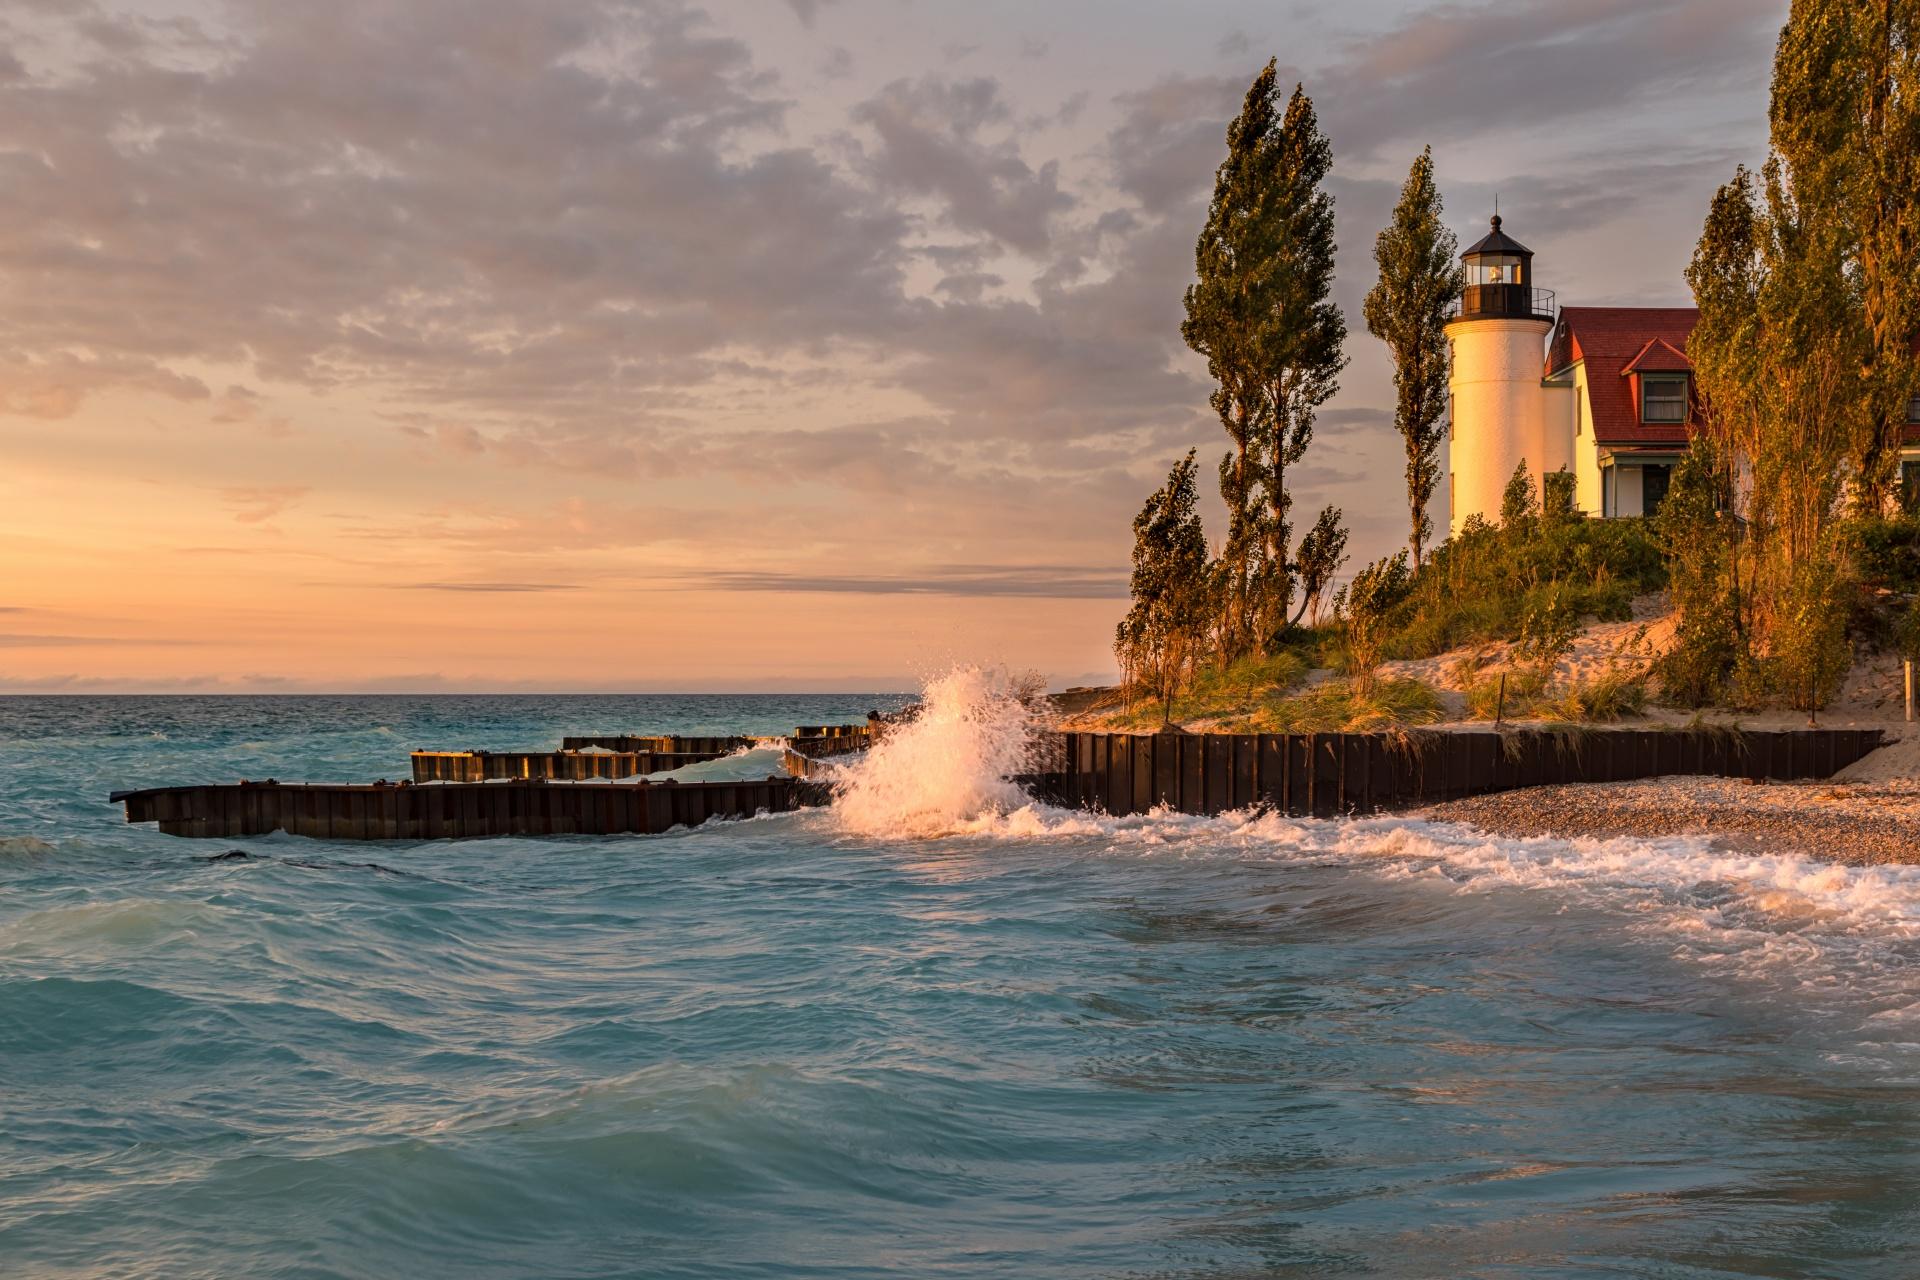 夕暮れのミシガン湖とポイント・ベッツィー灯台 アメリカの風景